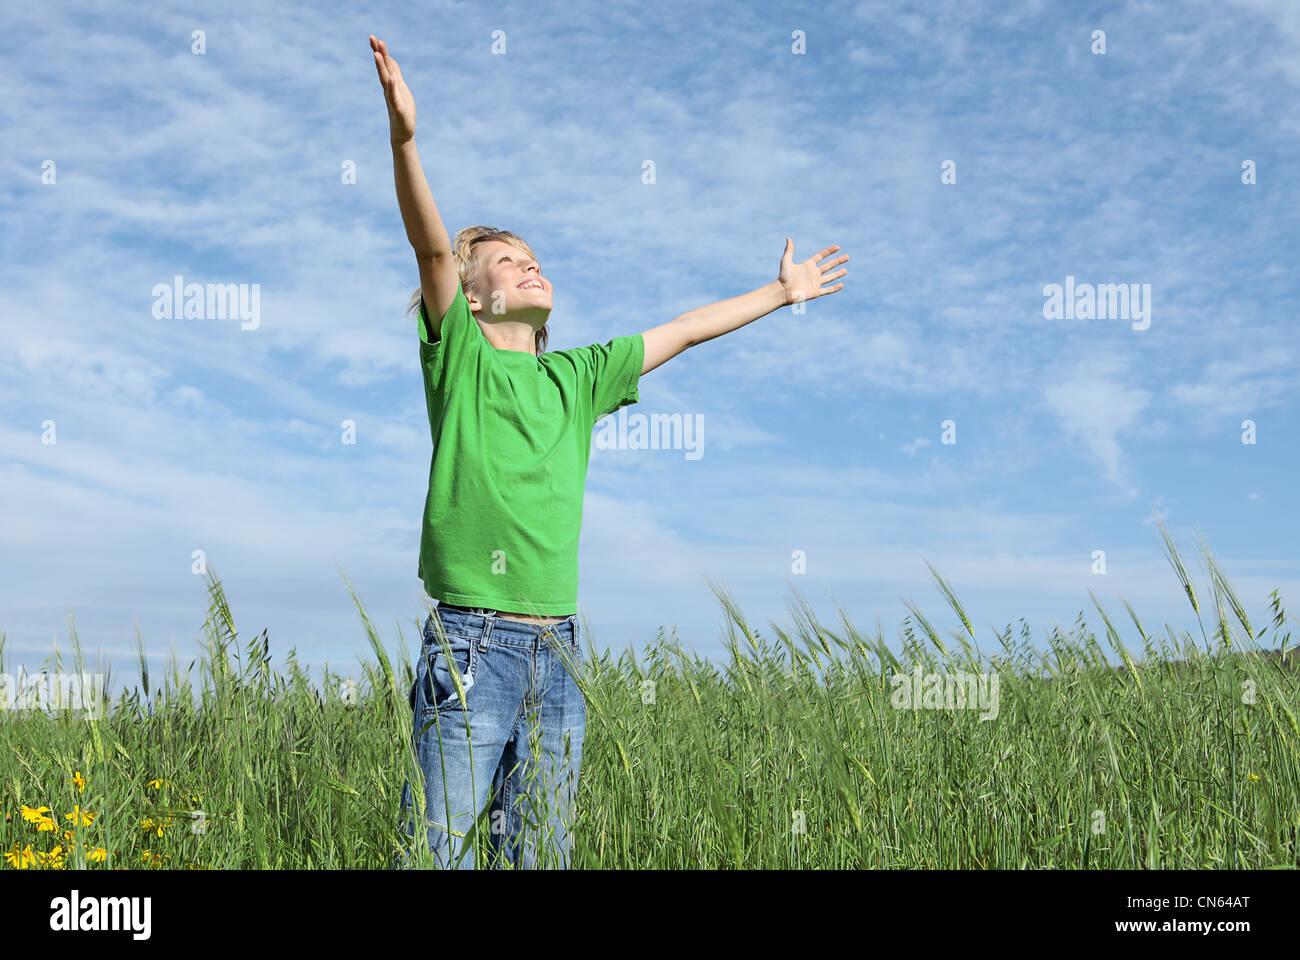 Bambino felice a braccia alzate lodando il cielo in estate Immagini Stock